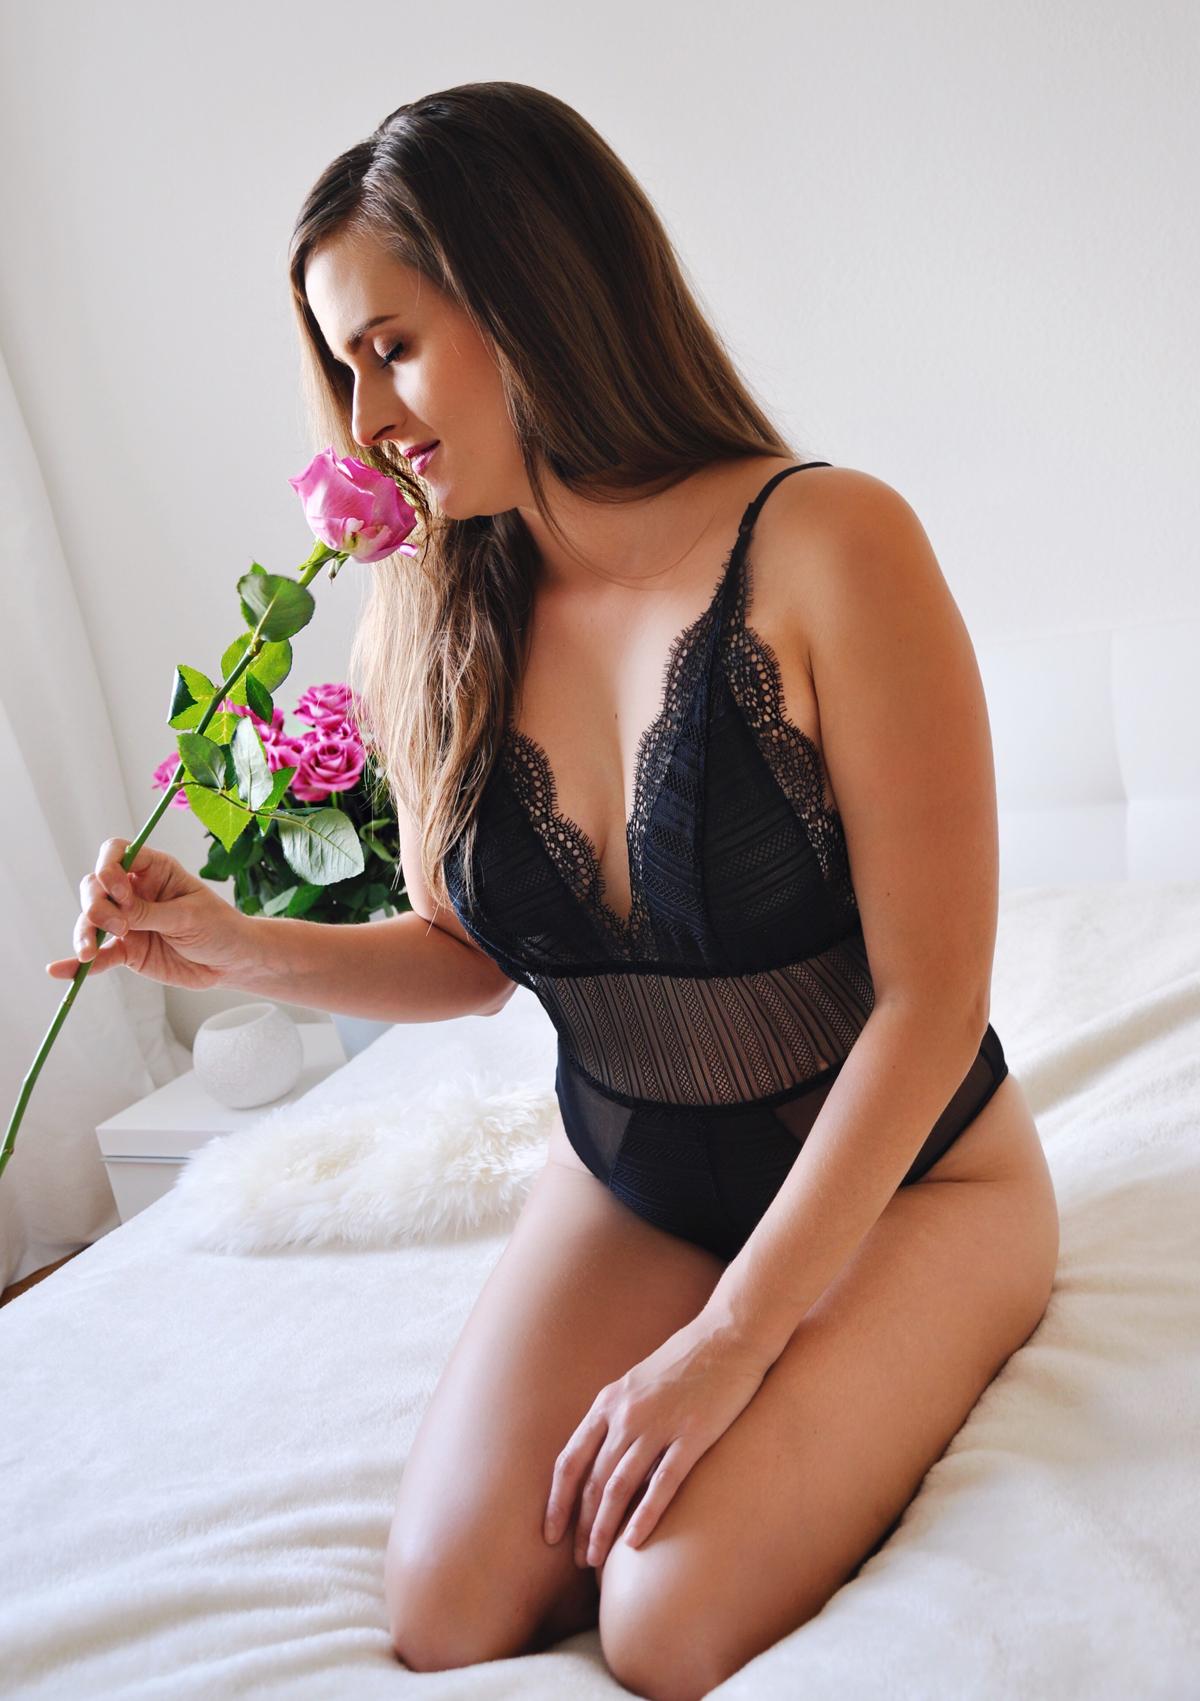 Andrea Steiner vom Modeblog Strawberries 'n' Champagne trägt Unterwäsche von Mysassylover.